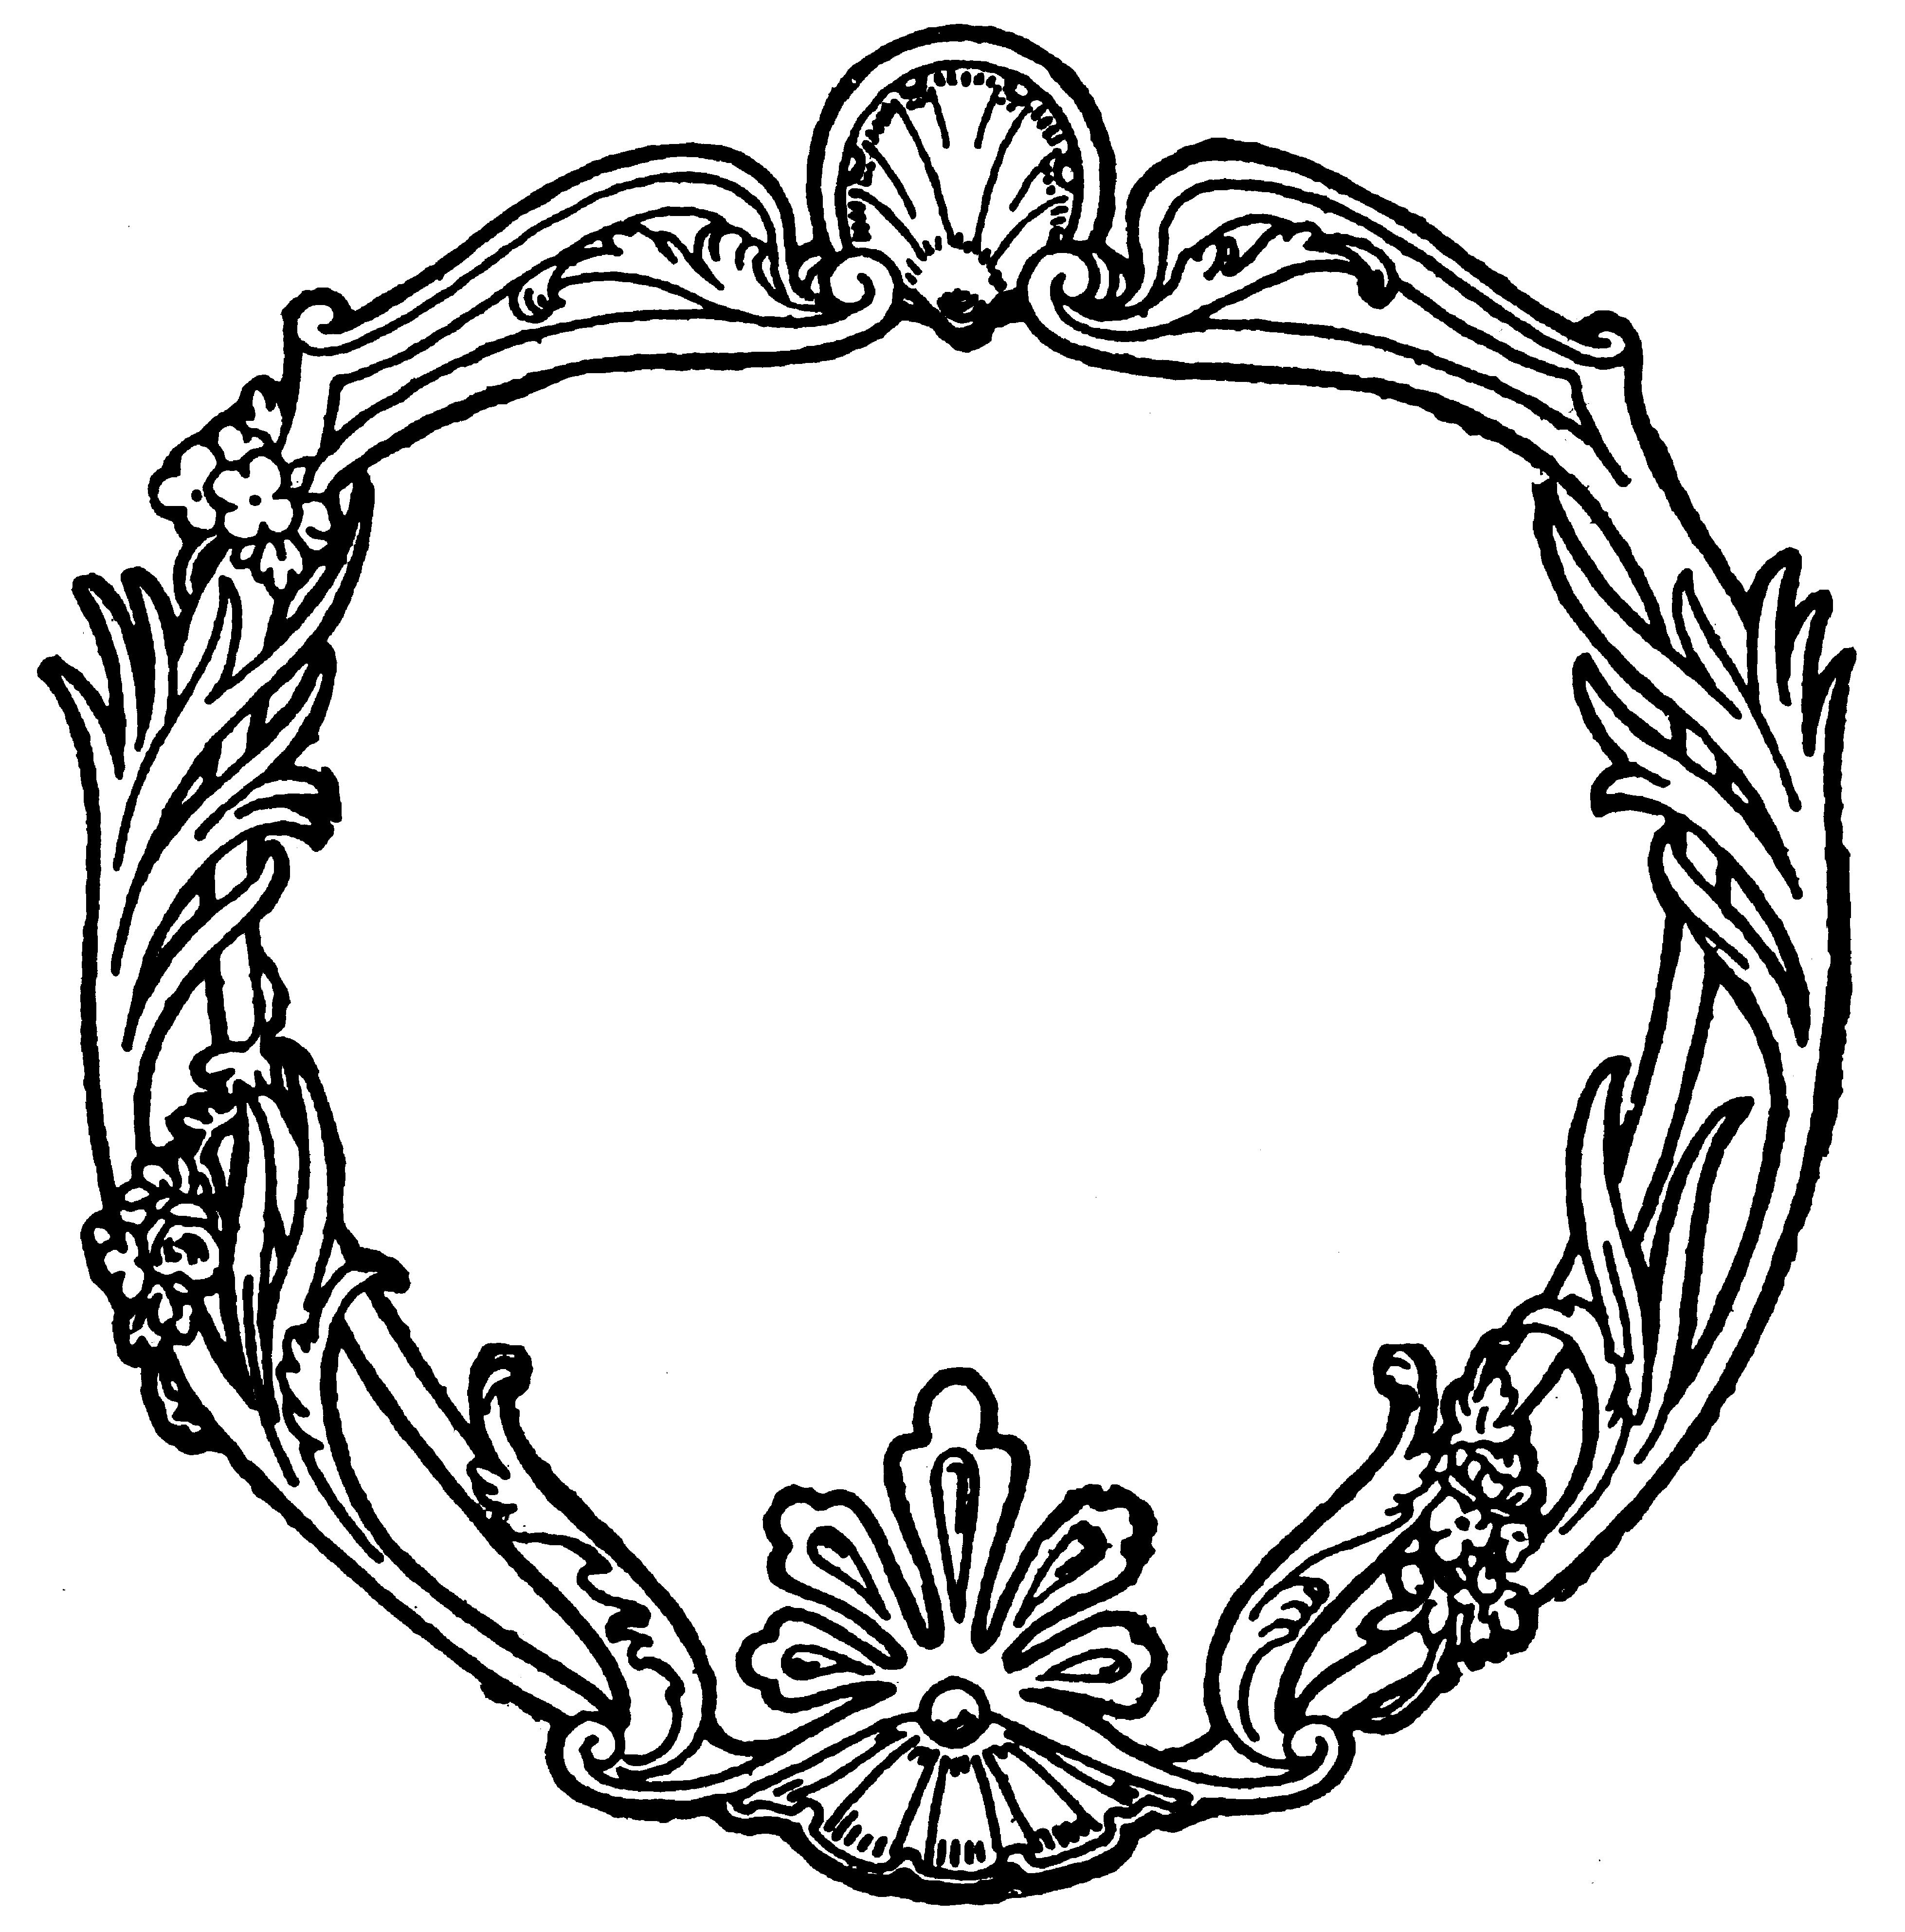 Скачать шаблон герба для фотошопа